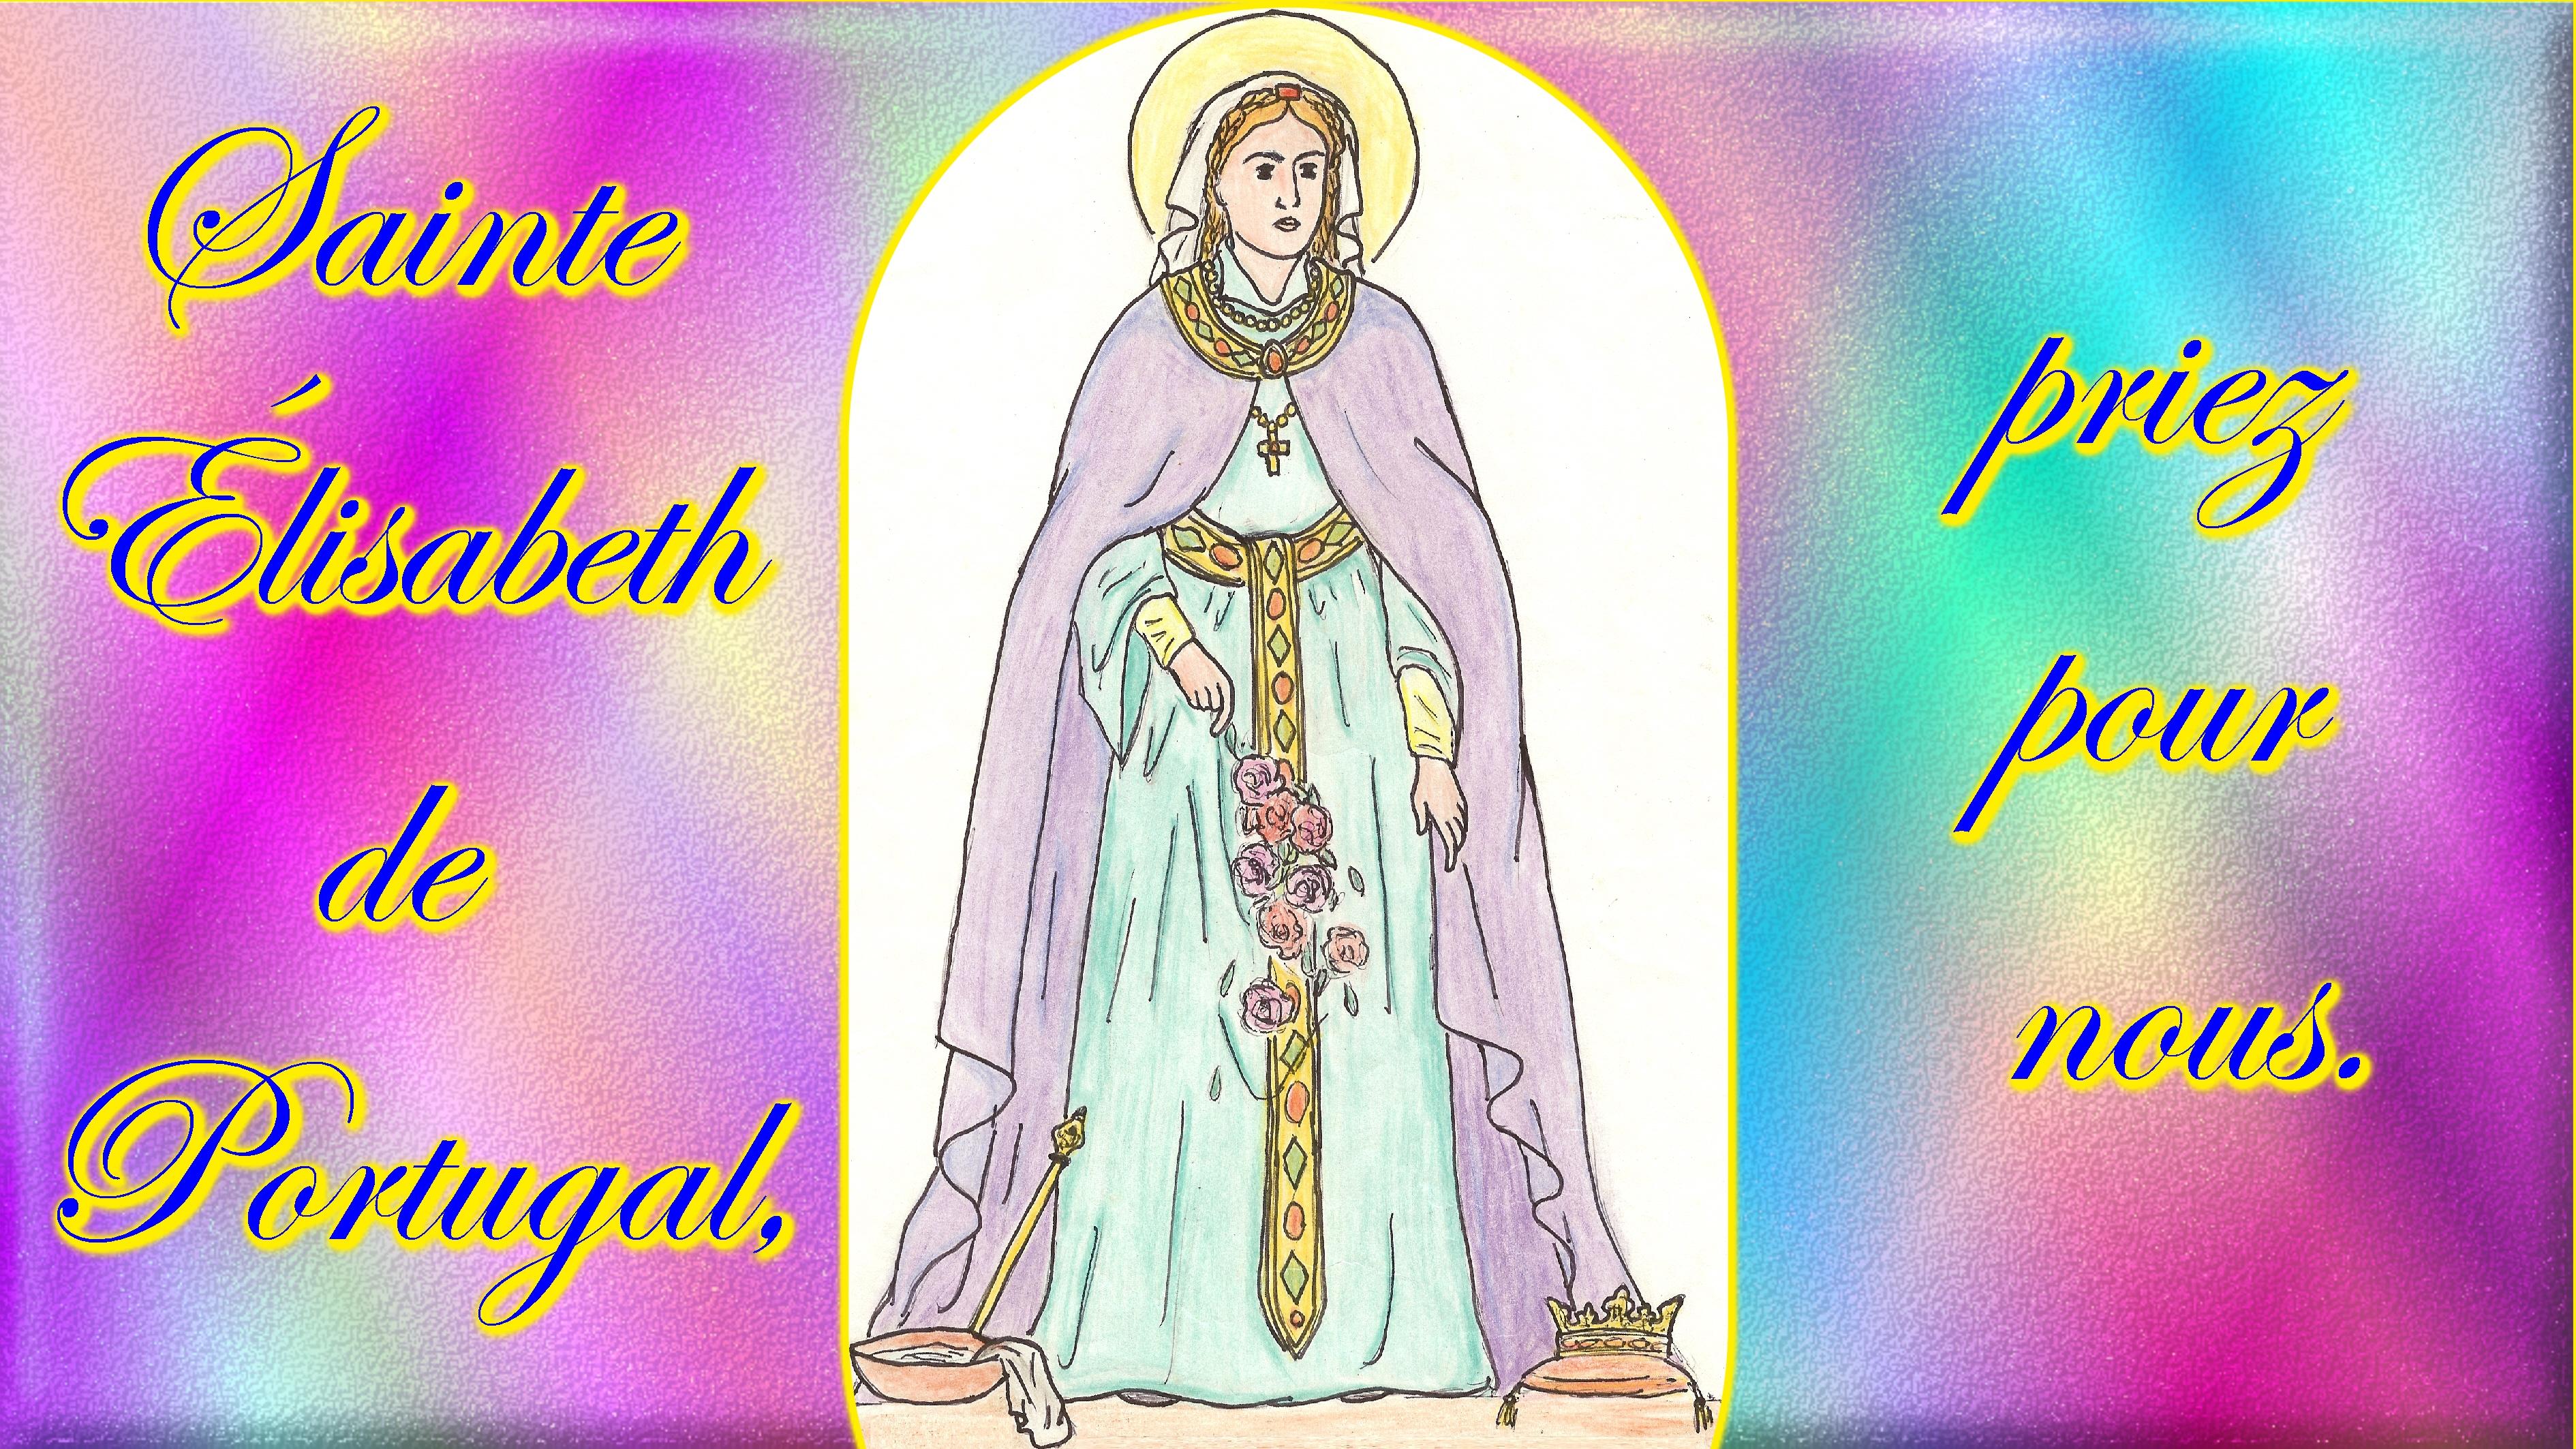 CALENDRIER CATHOLIQUE 2020 (Cantiques, Prières & Images) - Page 19 Ste-lisabeth-de-portugal-5789d94